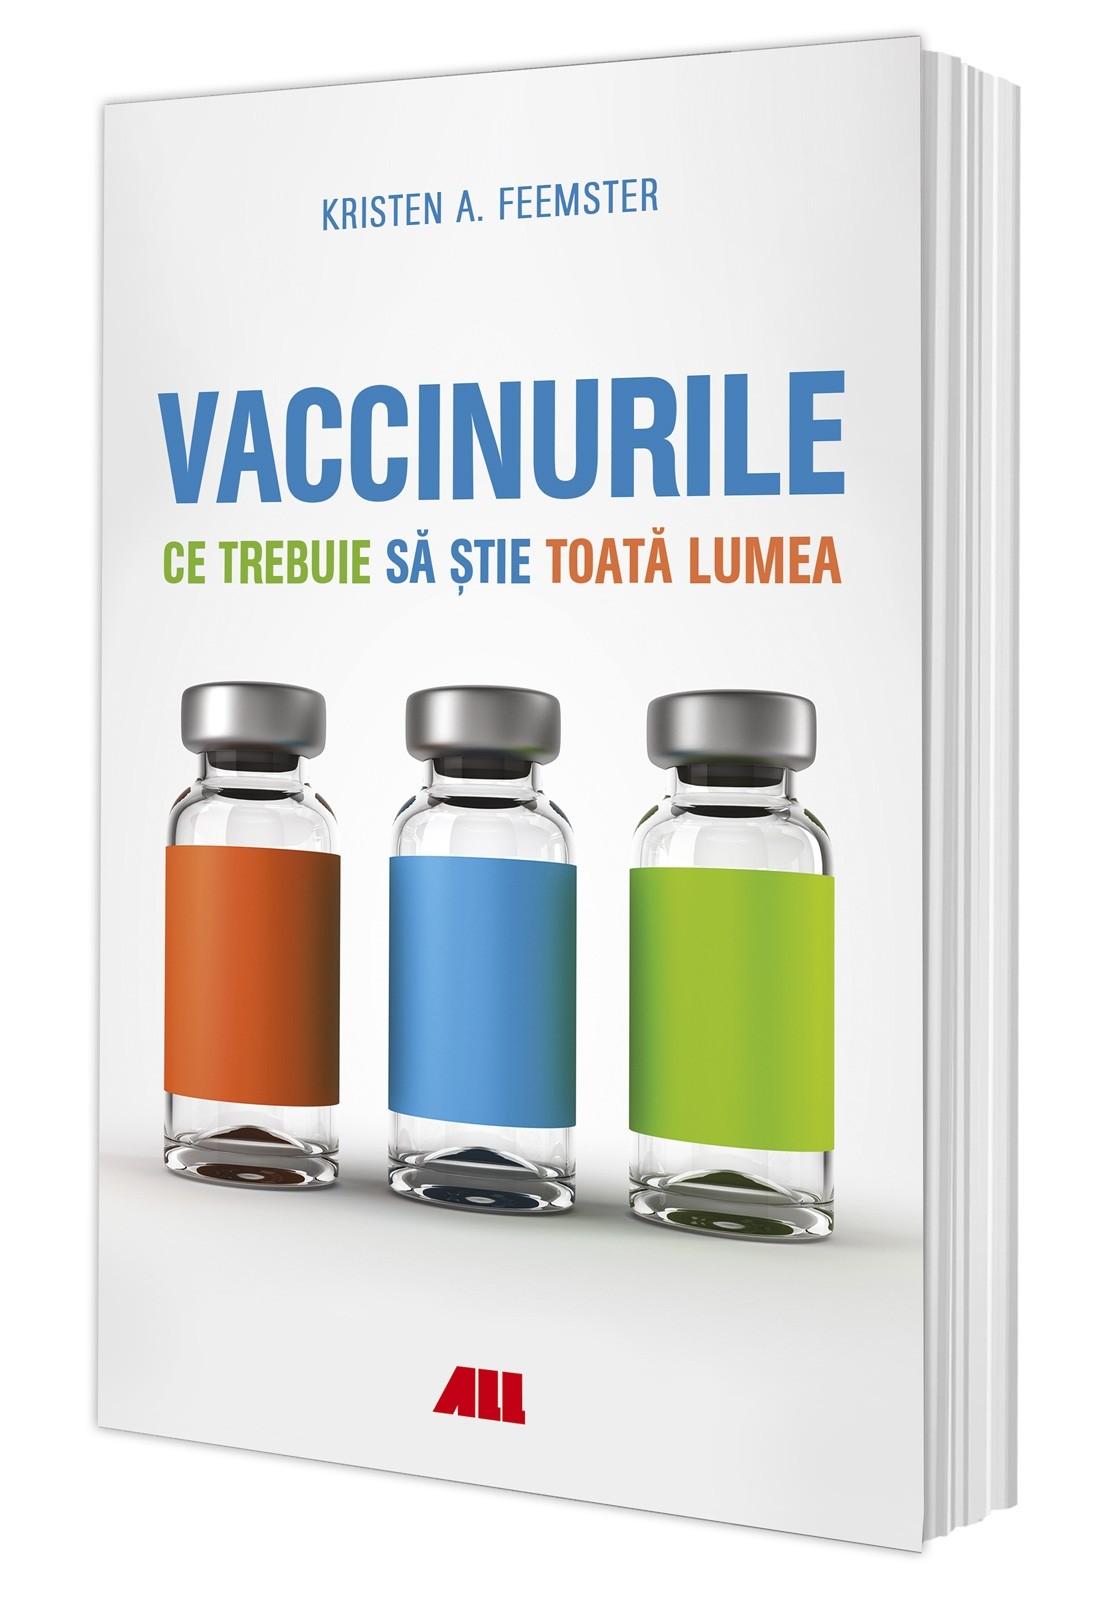 Vaccinurile. Ce trebuie sa stie toata lumea